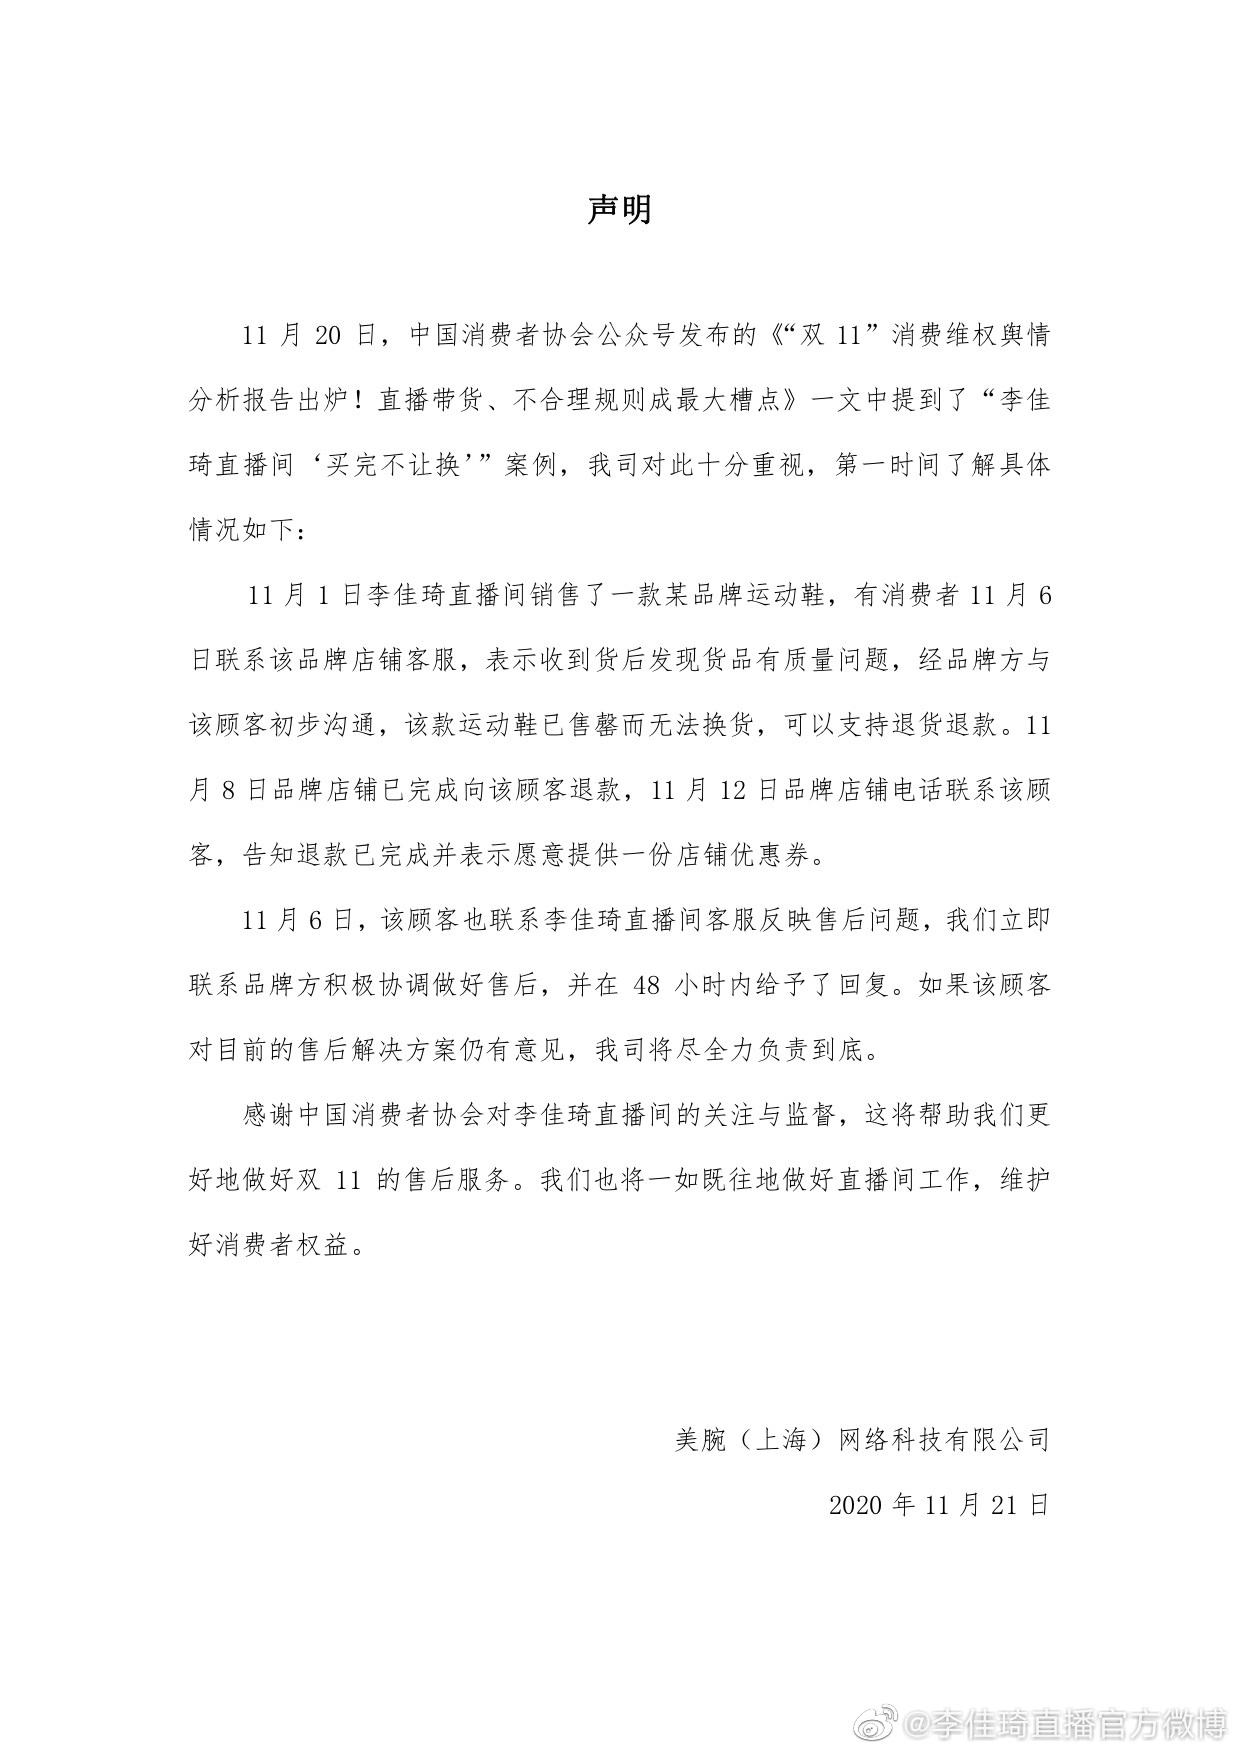 李佳琦方回应买完不让换 因厂商当时货品已售完无法换货